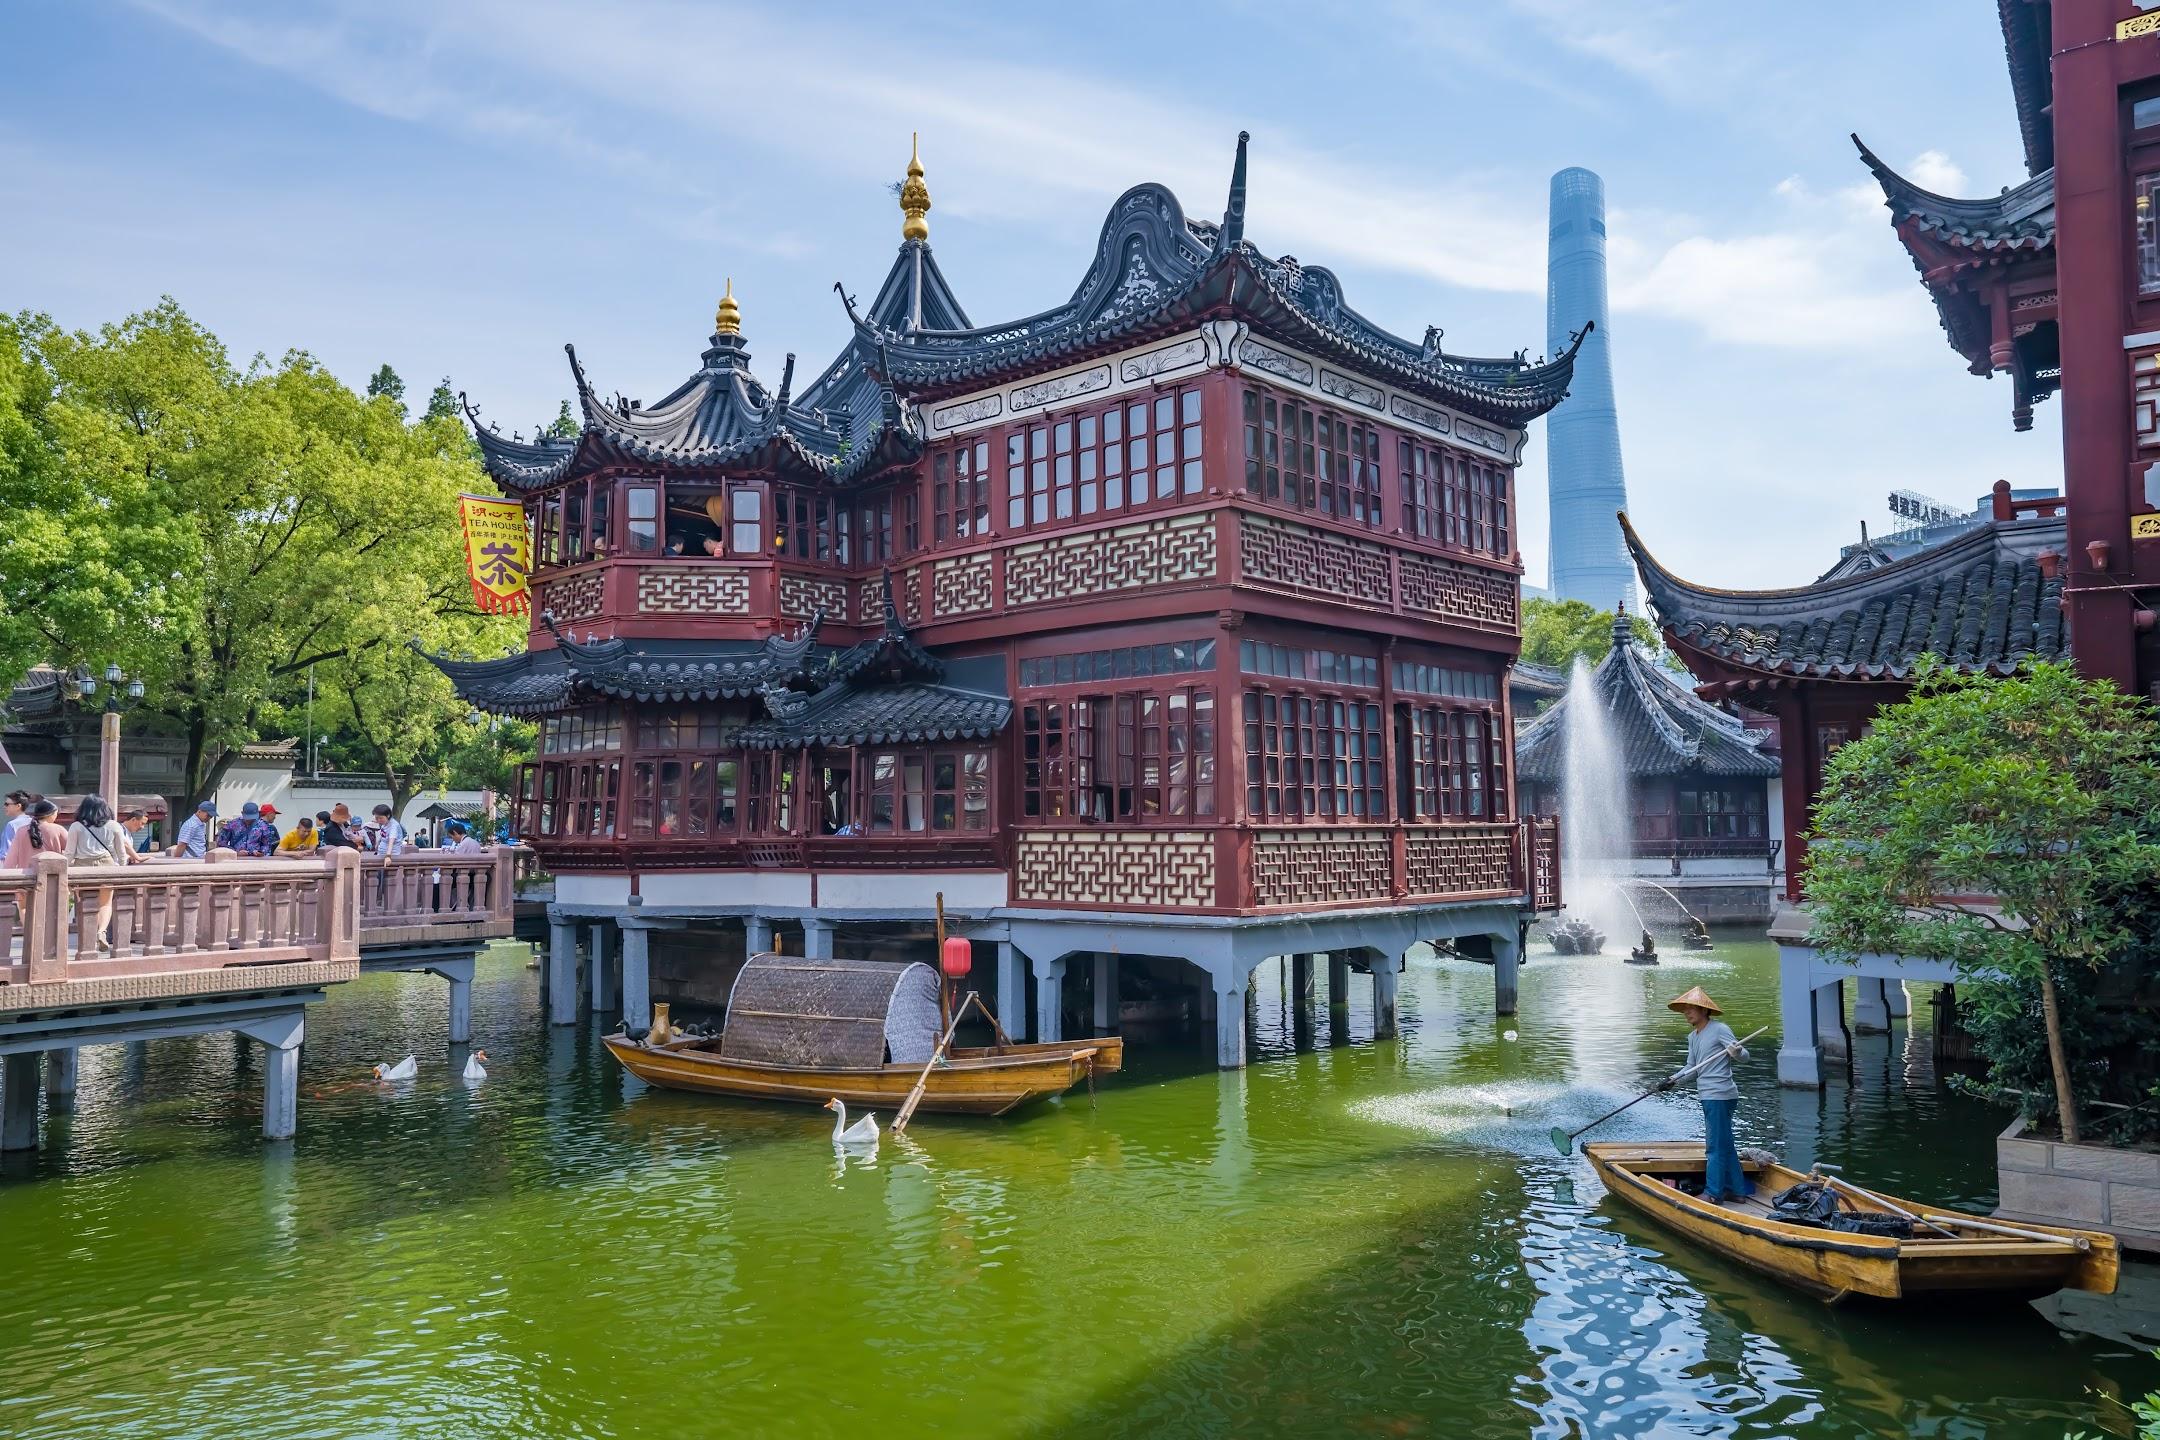 Shanghai Yuyuan Huxin Pavilion (The Mid-Lake Pavilion Teahouse)2